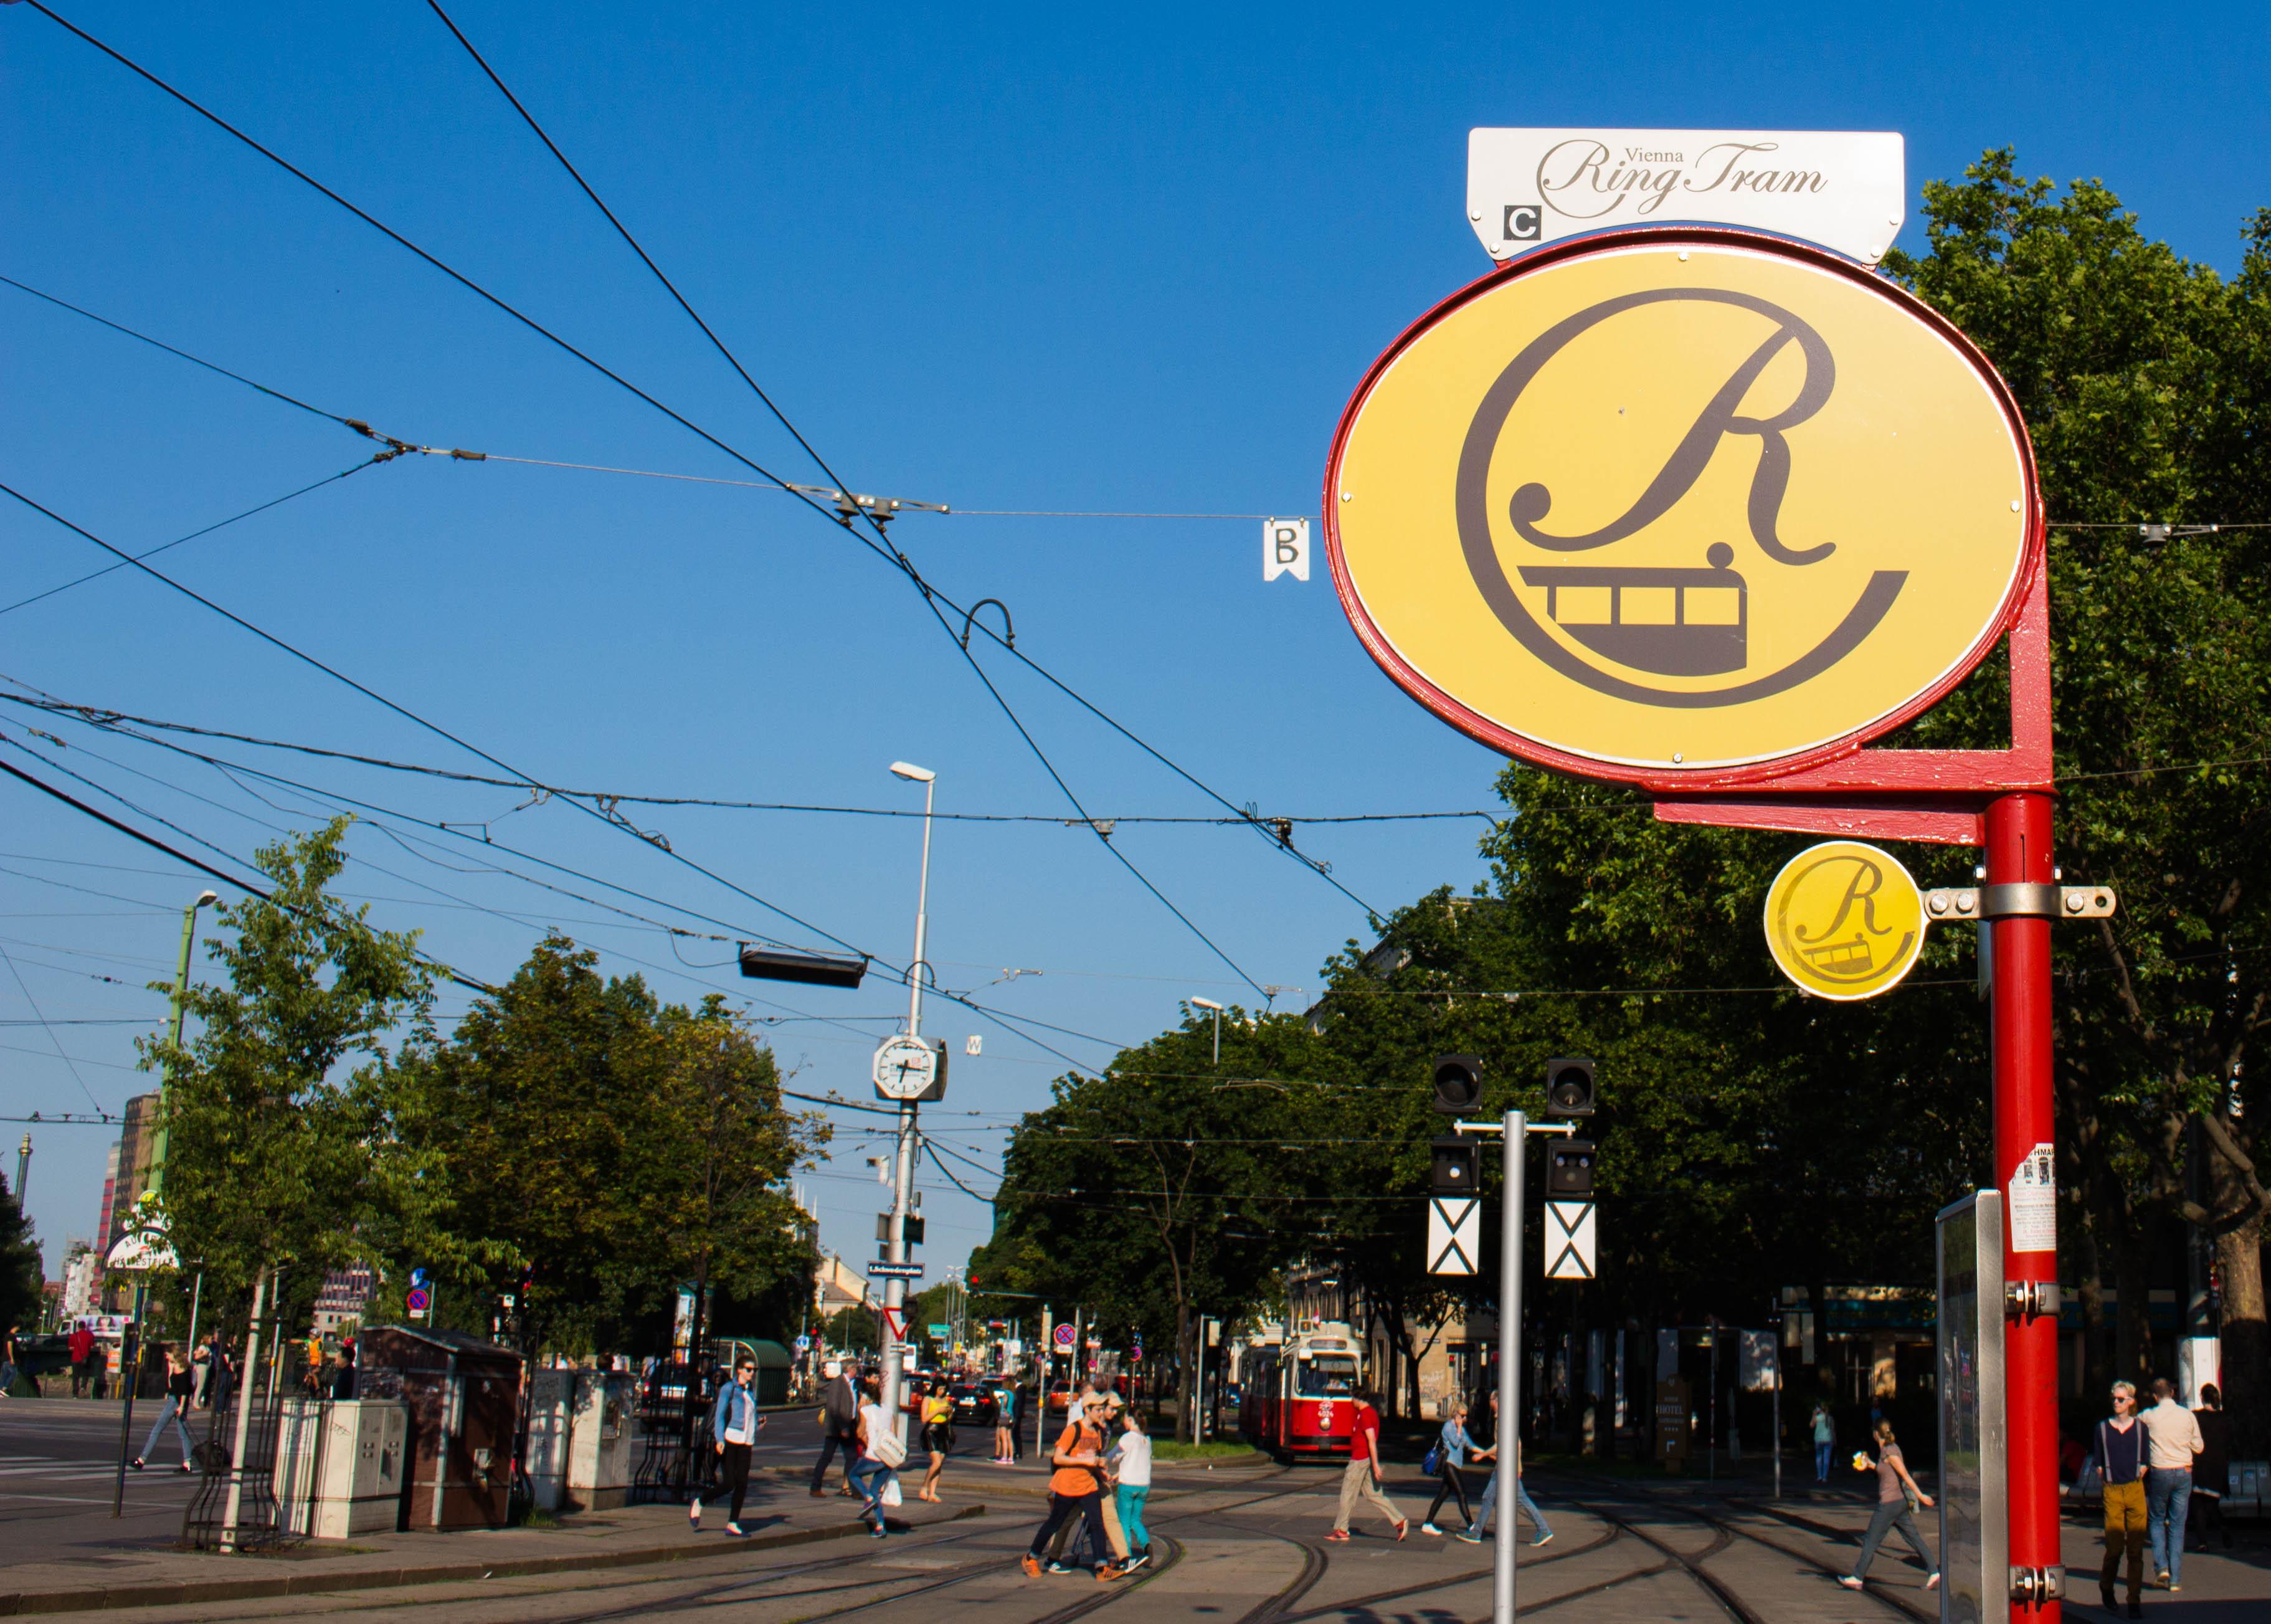 Startpunkt unserer Tour: Die Ein- & Ausstiegs-Haltestelle der Wiener Ringtram am Schwedenplatz